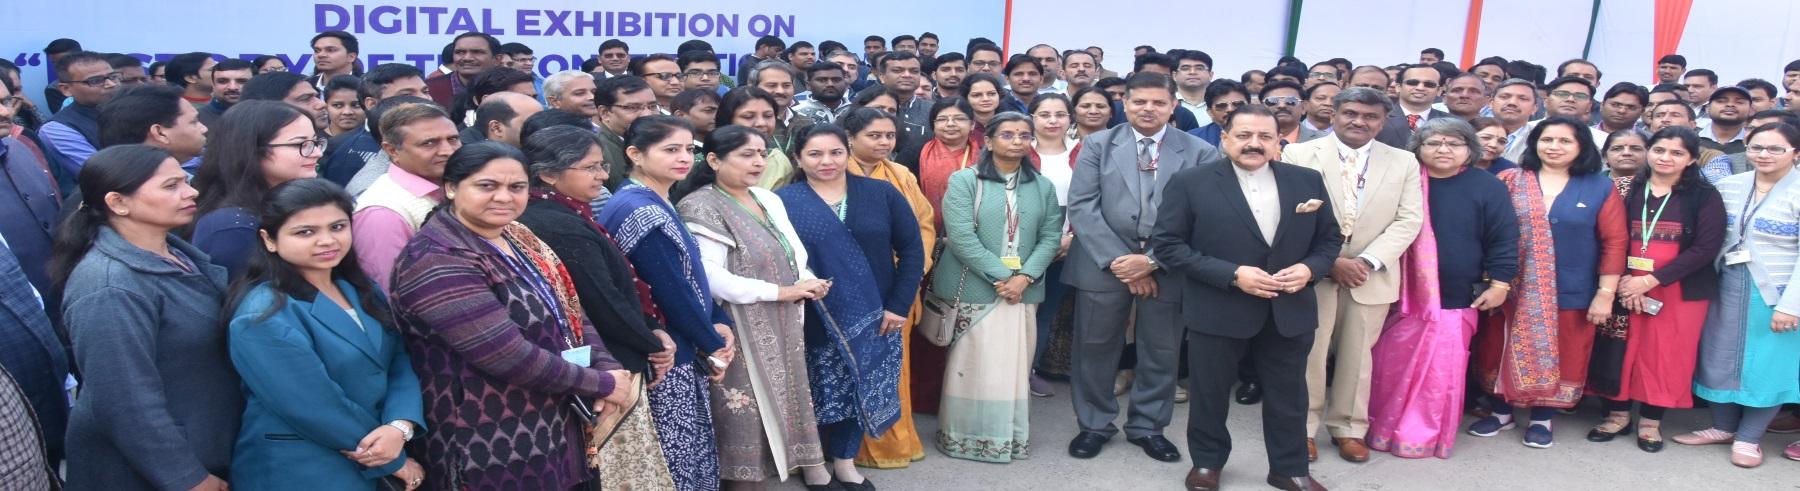 कार्मिक एवं प्रशिक्षण विभाग के द्वारा दिनांक 09 दिसंबर 2019 को भारत के संविधान का इतिहास के बारे में डिजिटल प्रदर्शनी का आयोजन